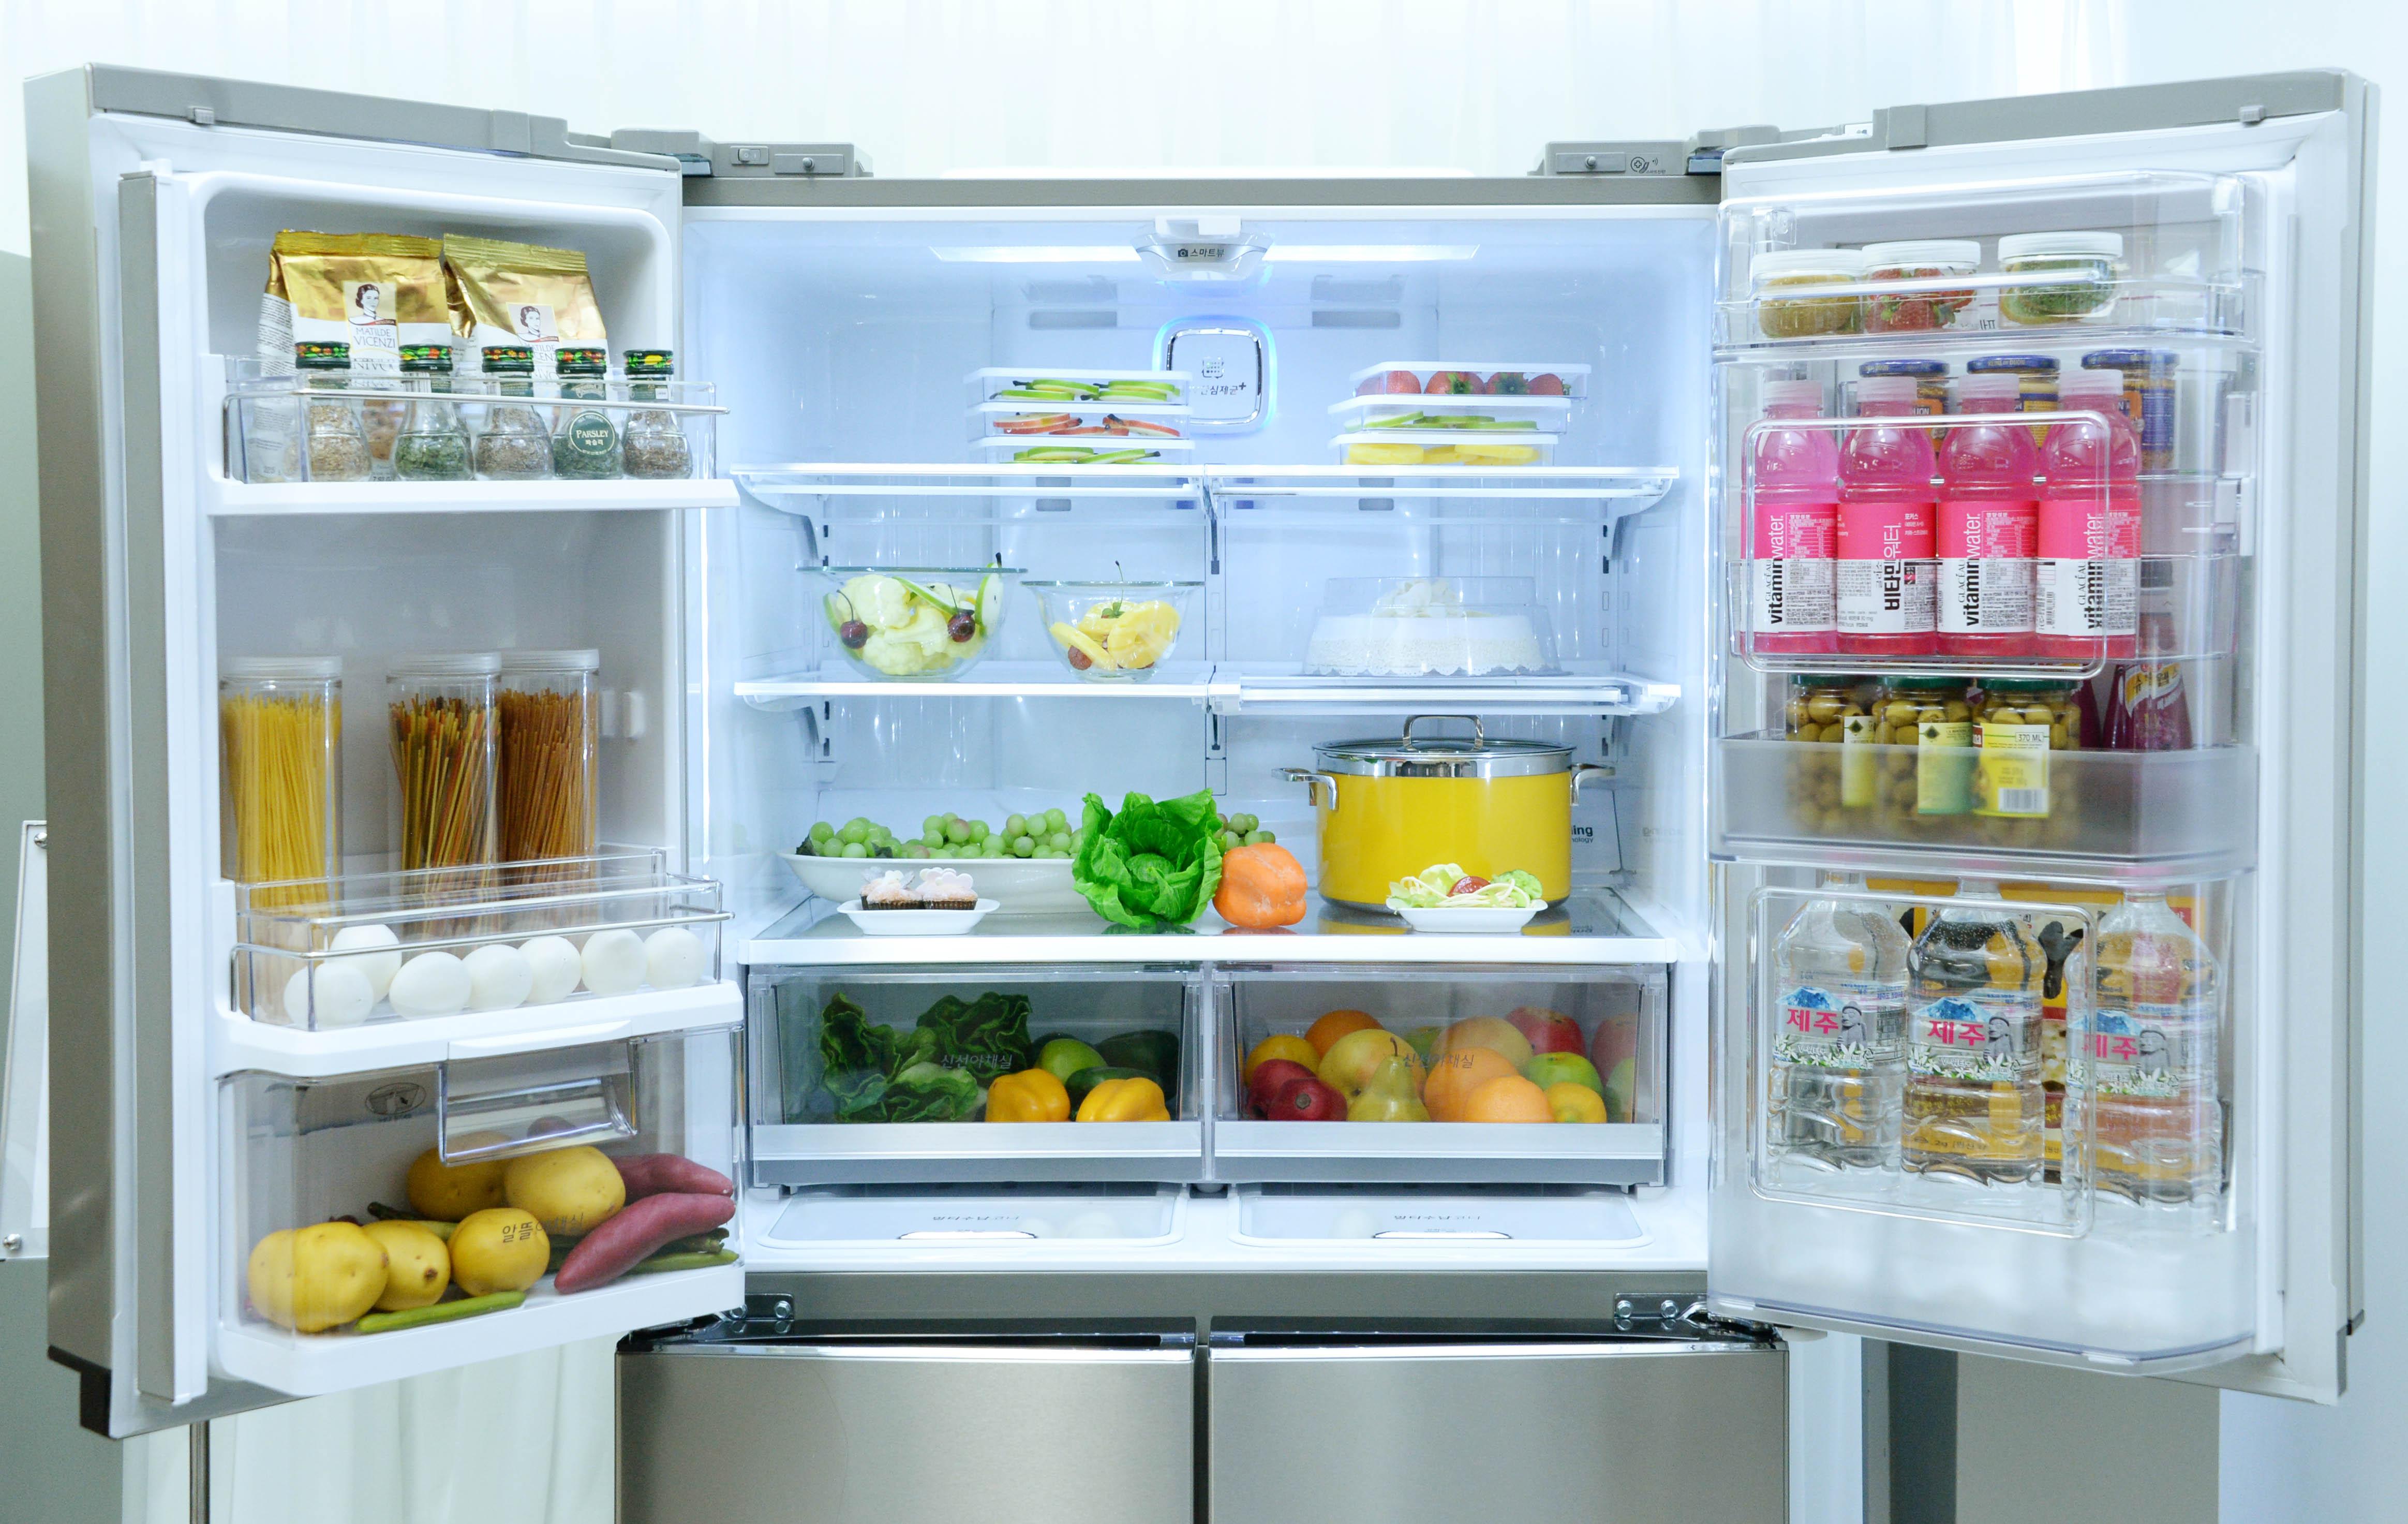 Lưu ý cách sử dụng tủ lạnh đúng cách an toàn và tiết kiệm điện